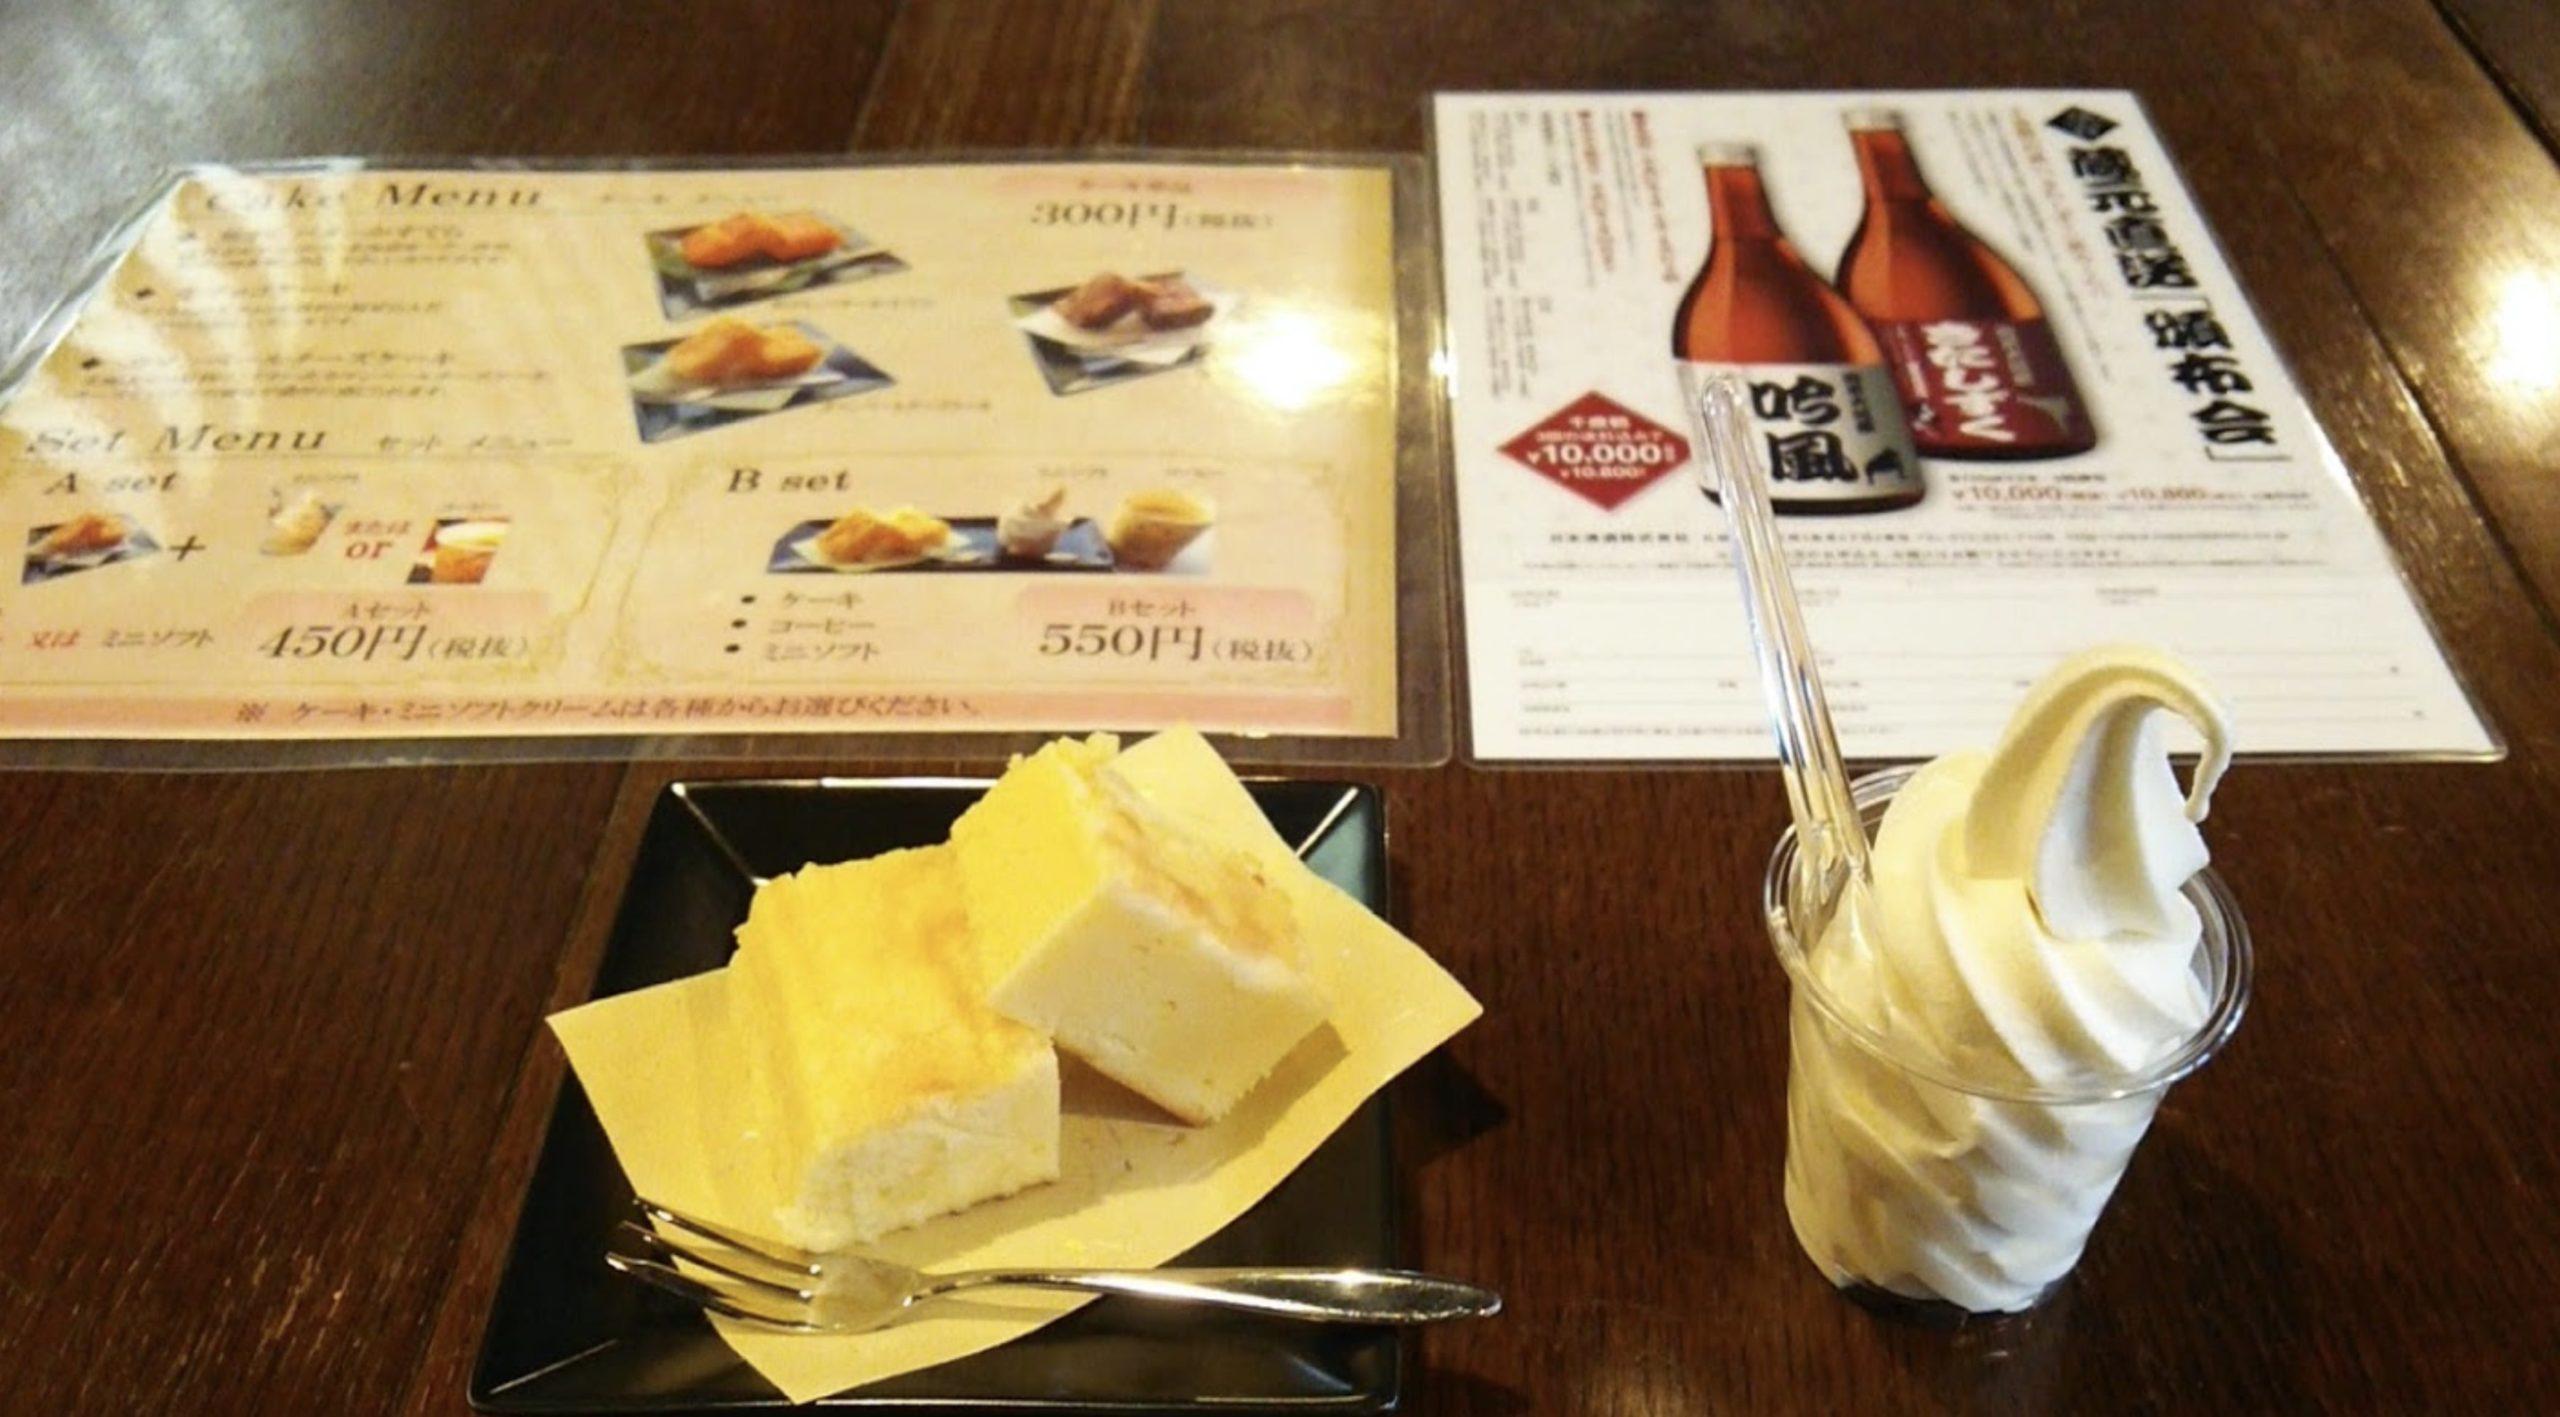 千歳鶴酒ミュージアムのソフトクリーム